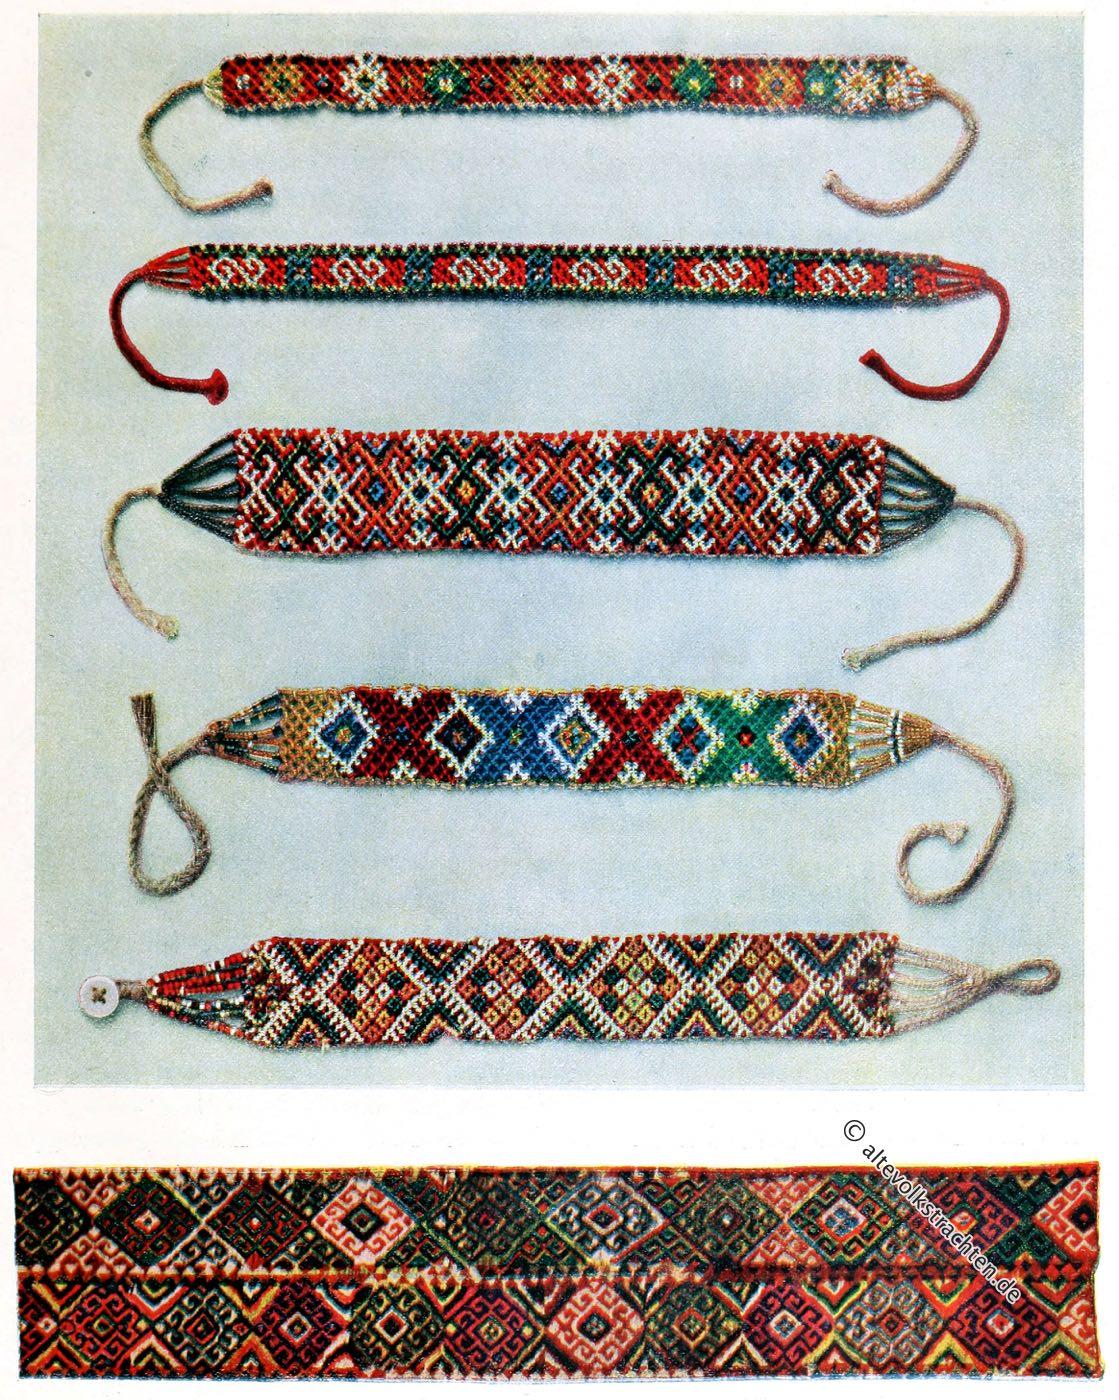 Glasperlen, Halsketten, Verzierung, Kibitka, Ukraine, Serbien, Volkskunst, Bauernkunst